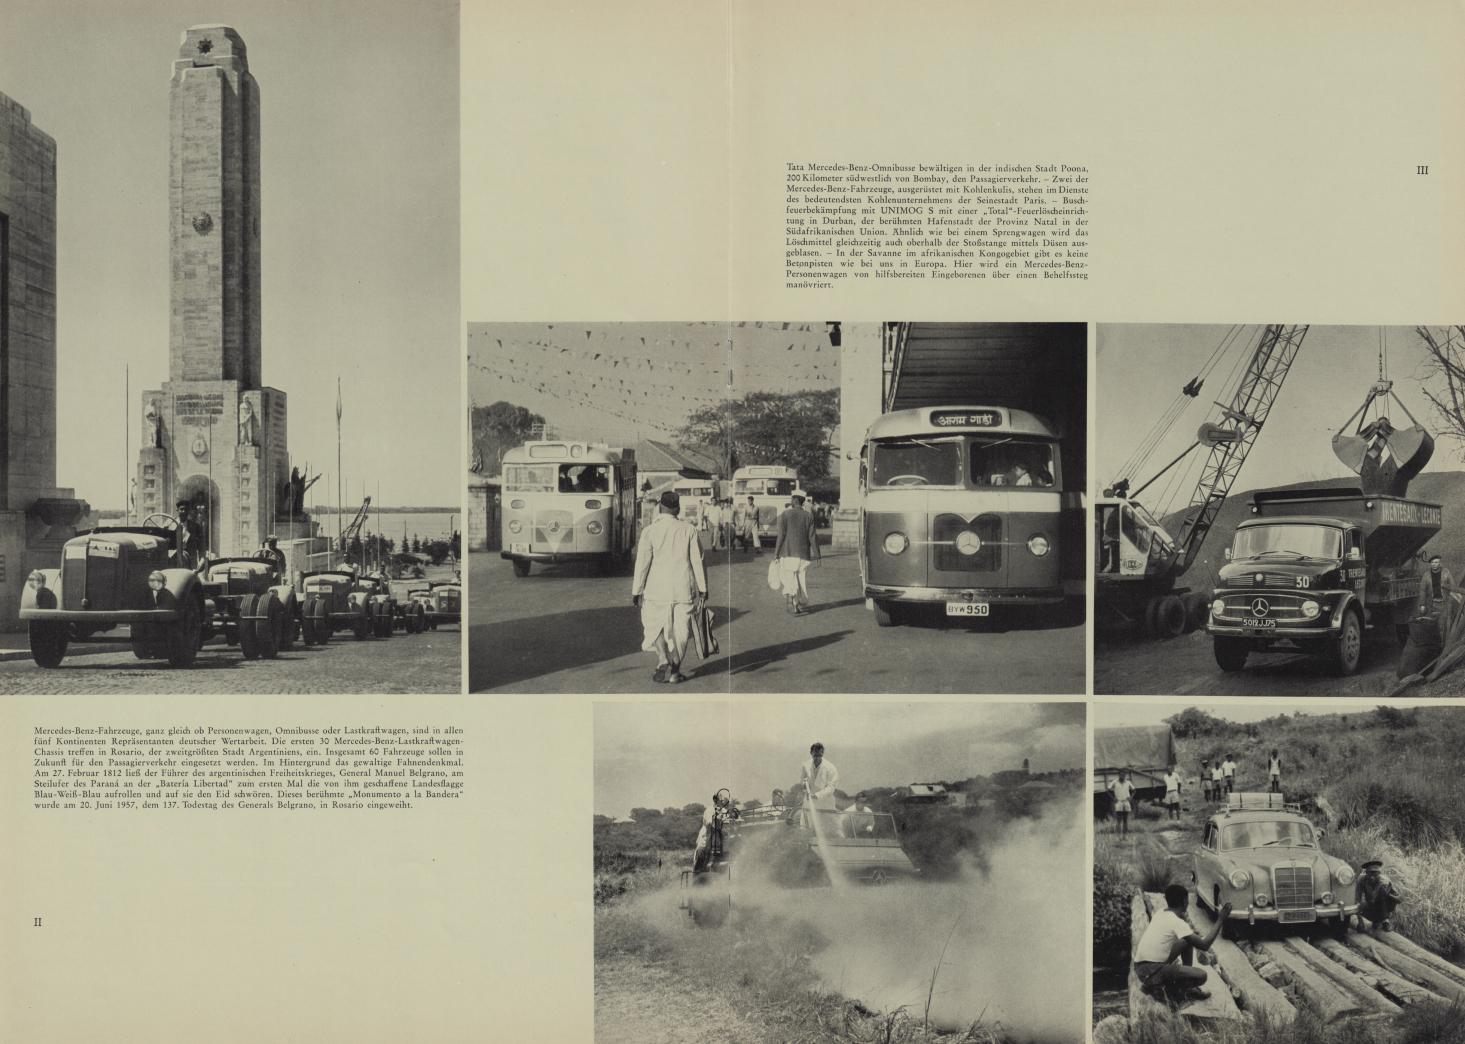 (REVISTA): Periódico In aller welt n.º 42 - Mercedes-Benz no mundo - 1960 - multilingue - com imagens do Brasil e construção de Brasília 008